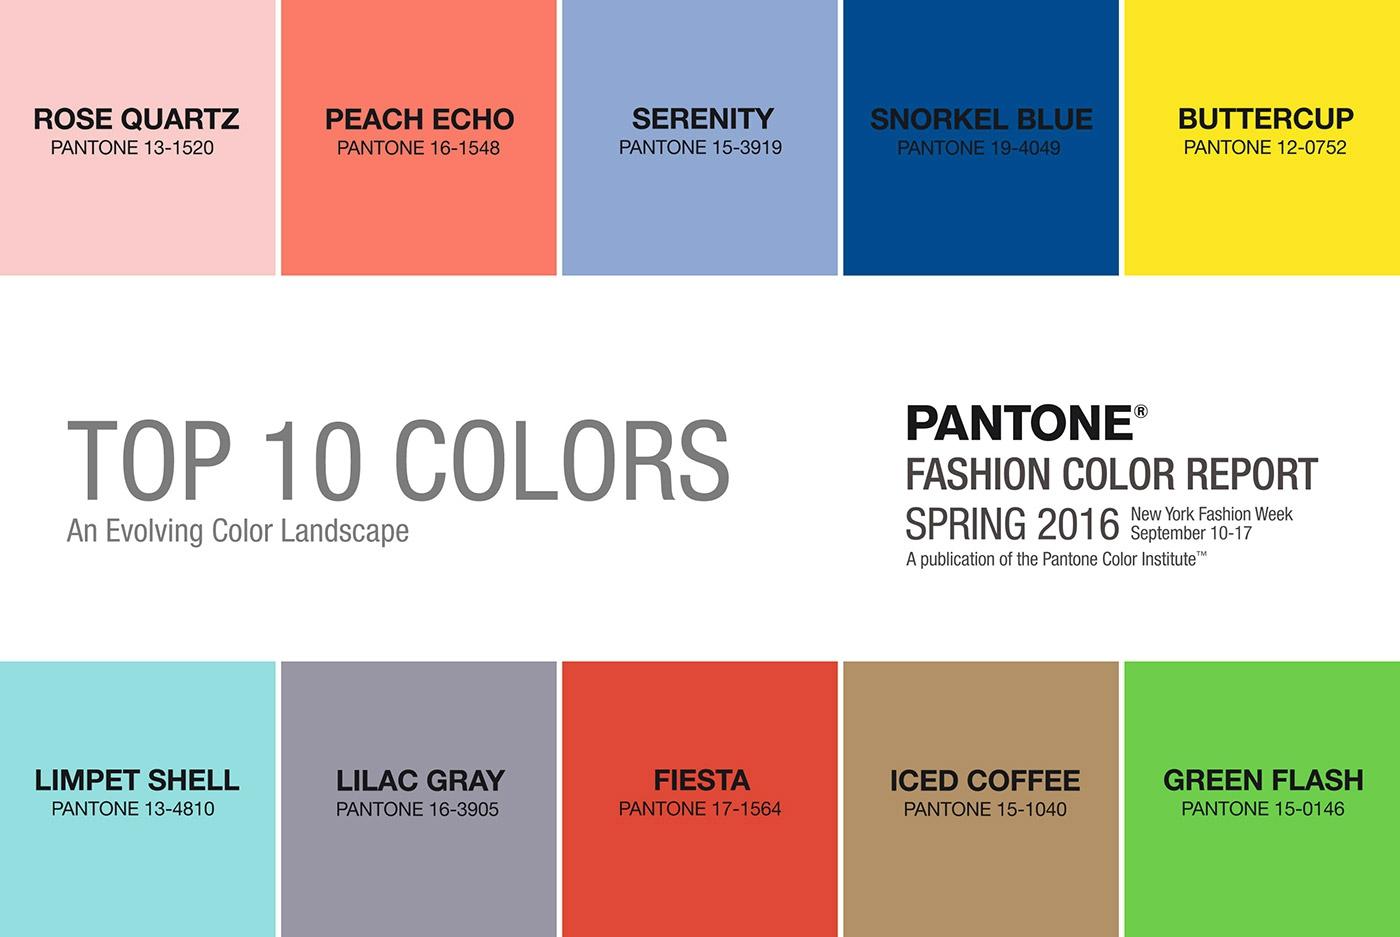 couleurs pantone 2016